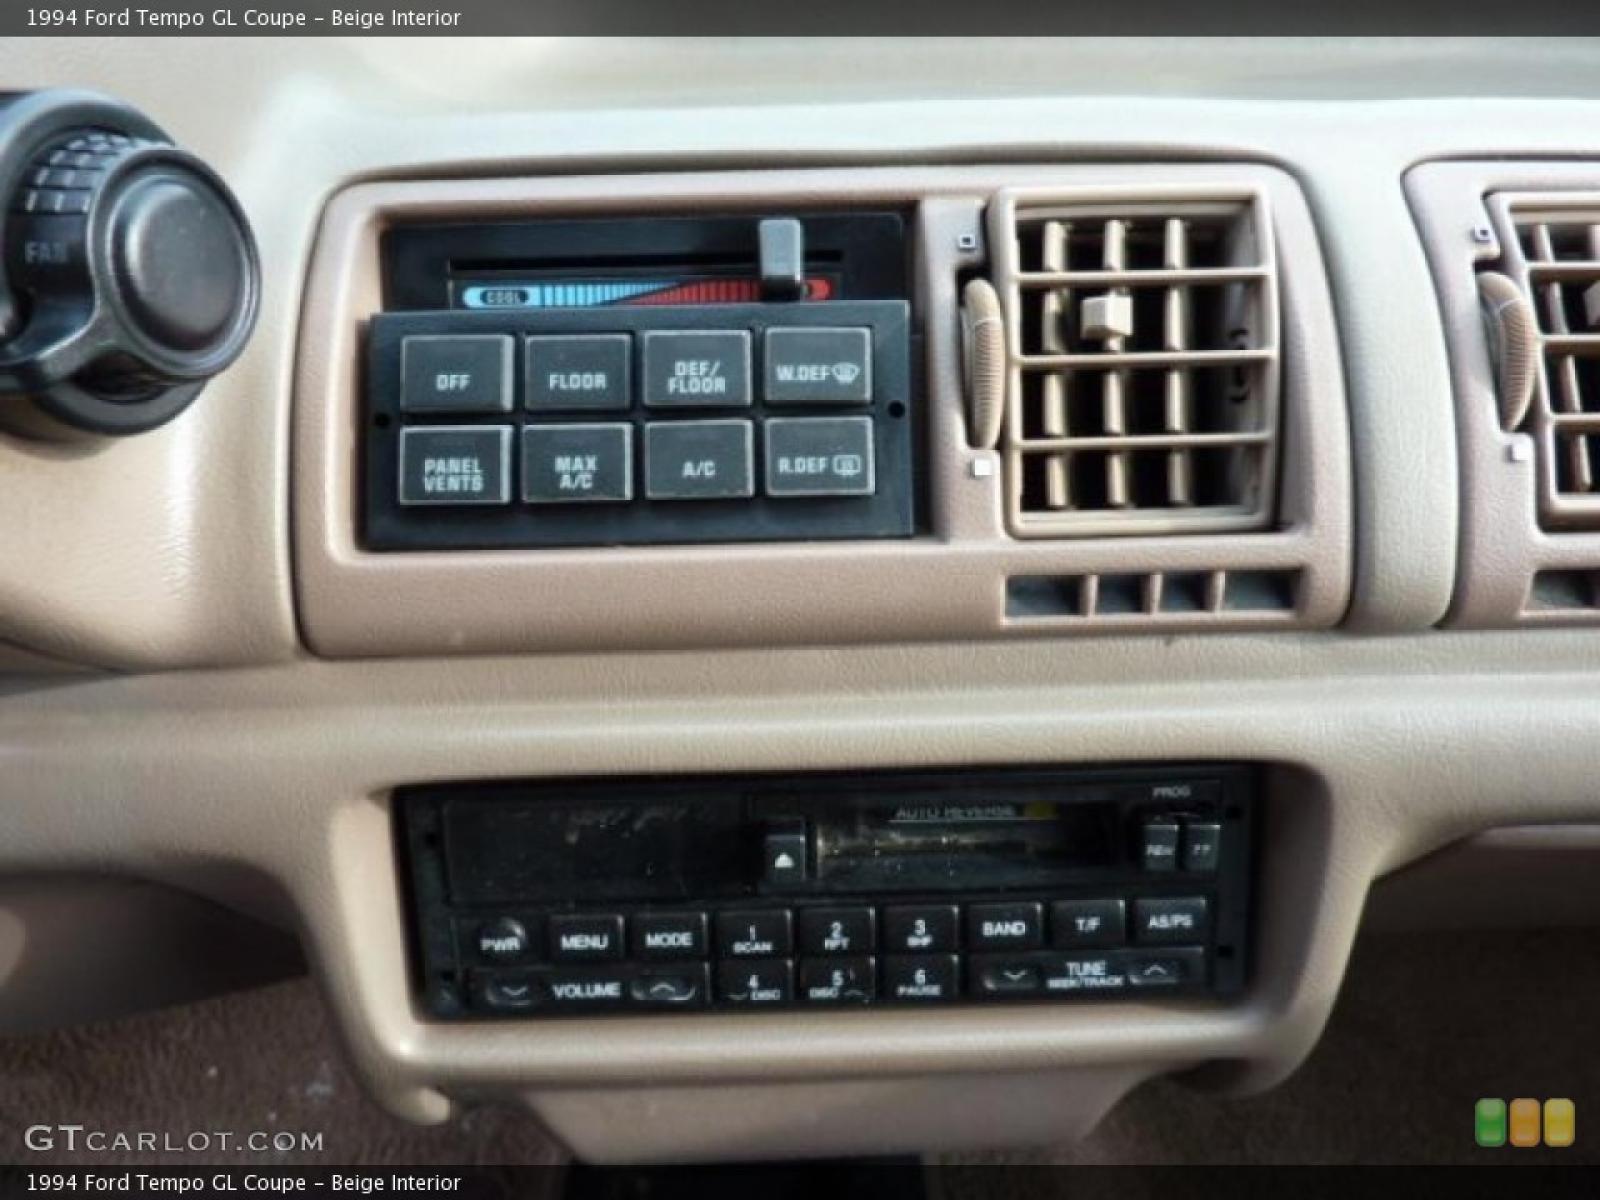 800 1024 1280 1600 origin 1994 Ford Tempo ...